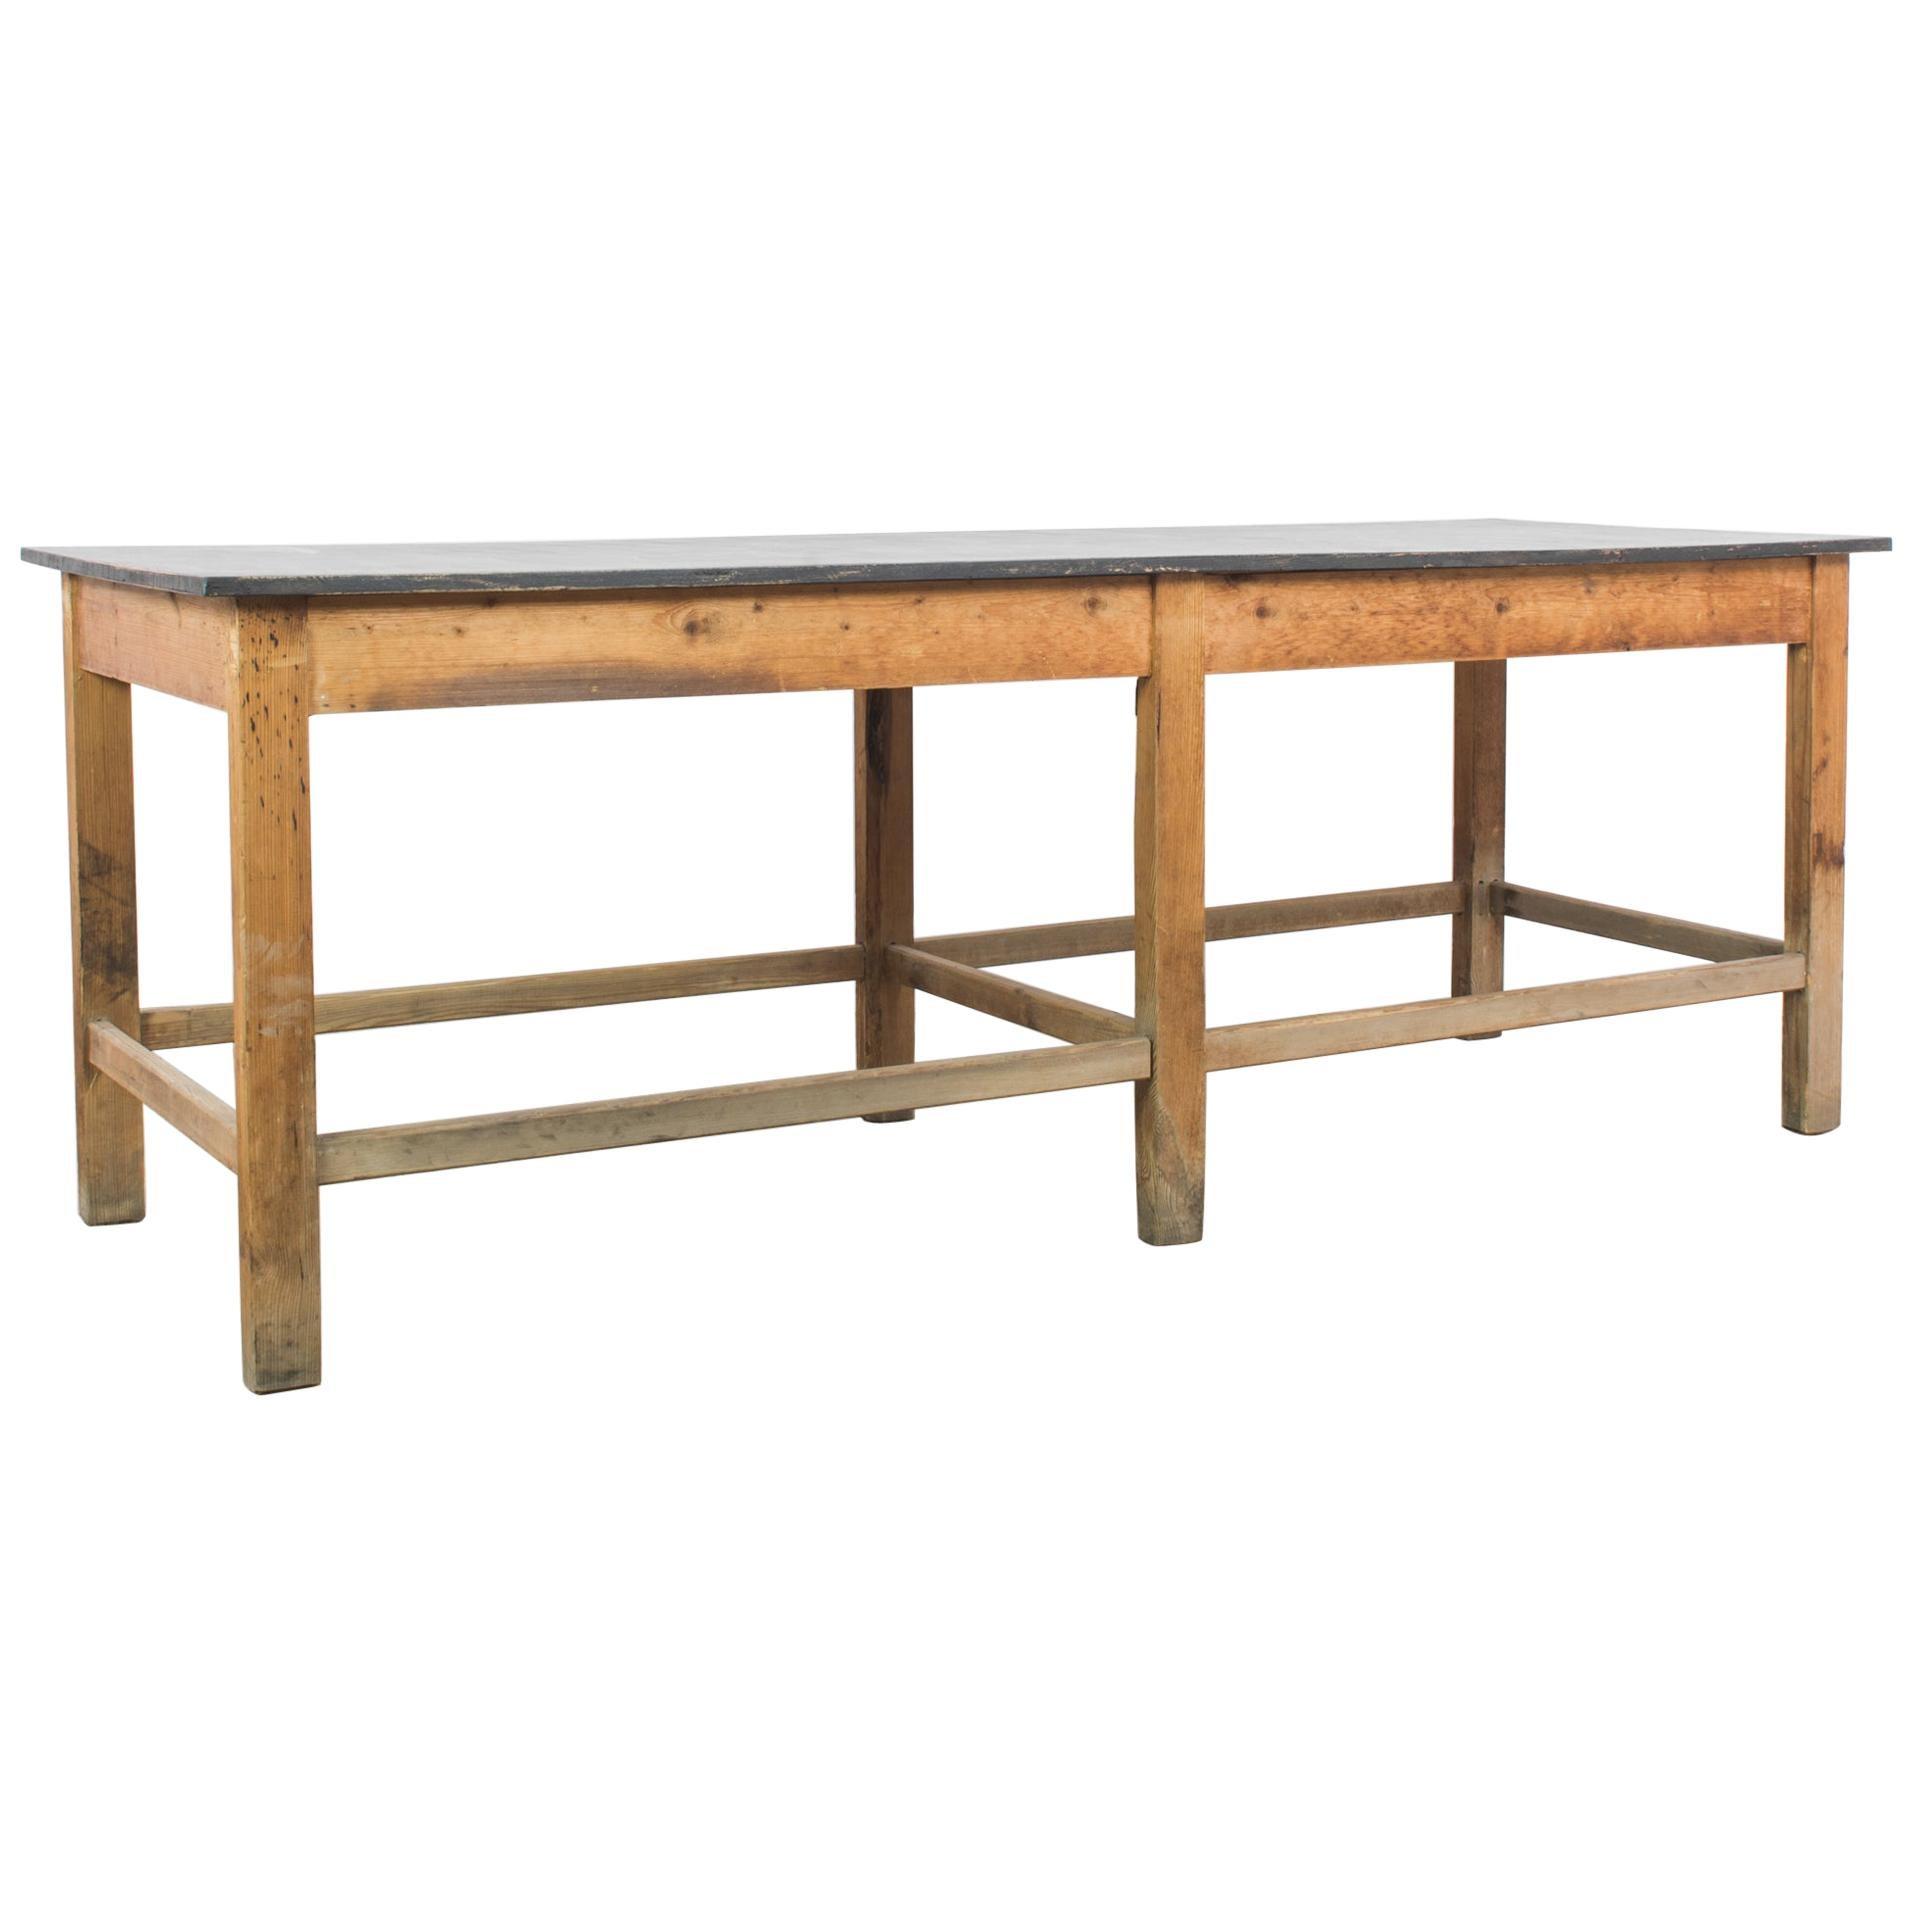 1960s Czech Wooden Table